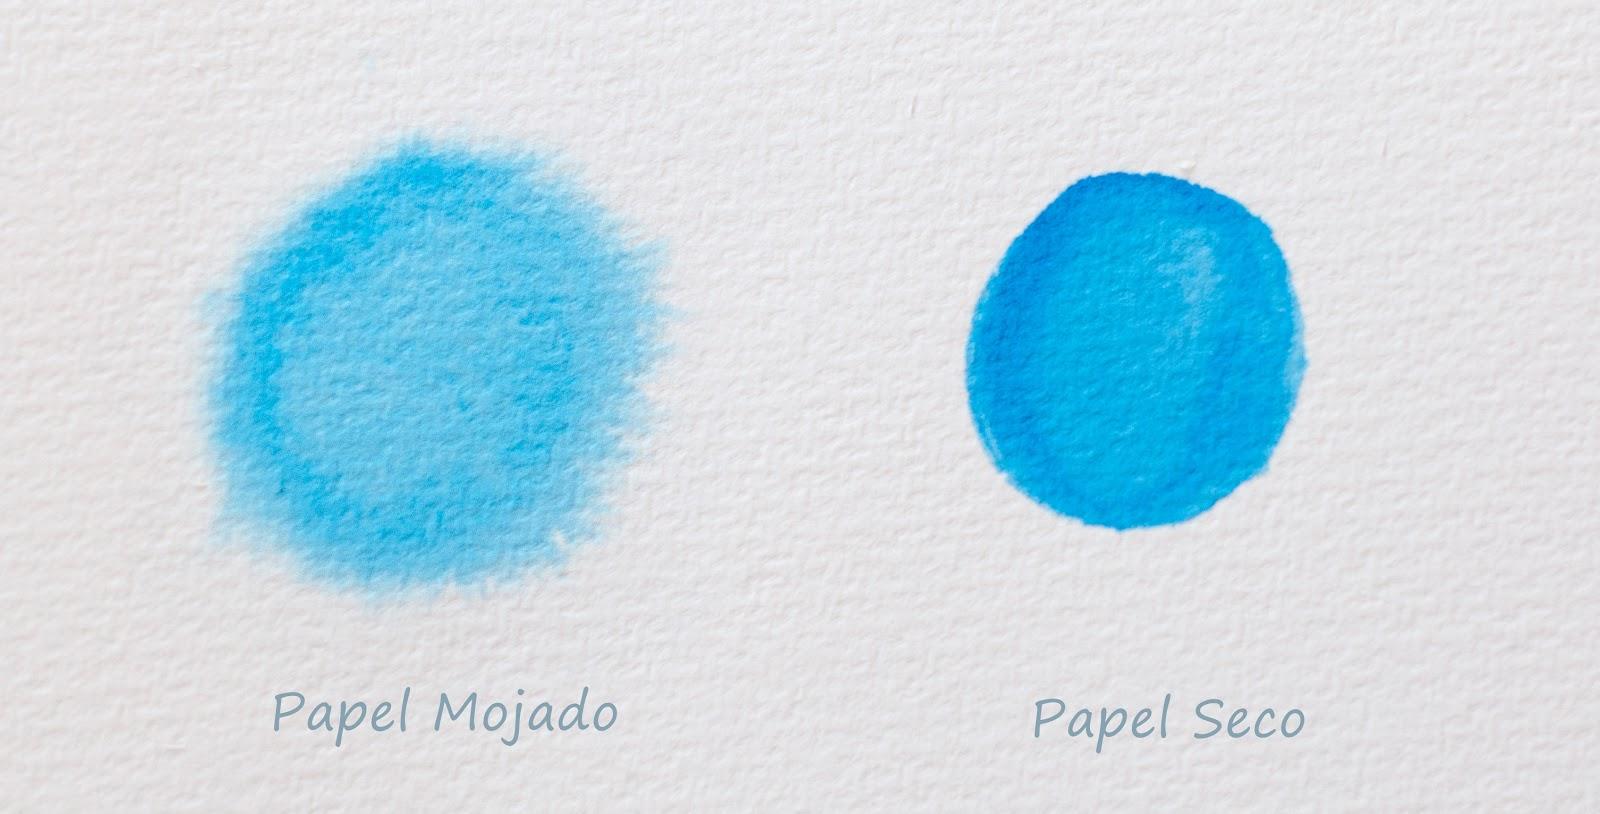 Tecnicas Para Pintar Paredes Decorandolas Con Pintura Al Agua